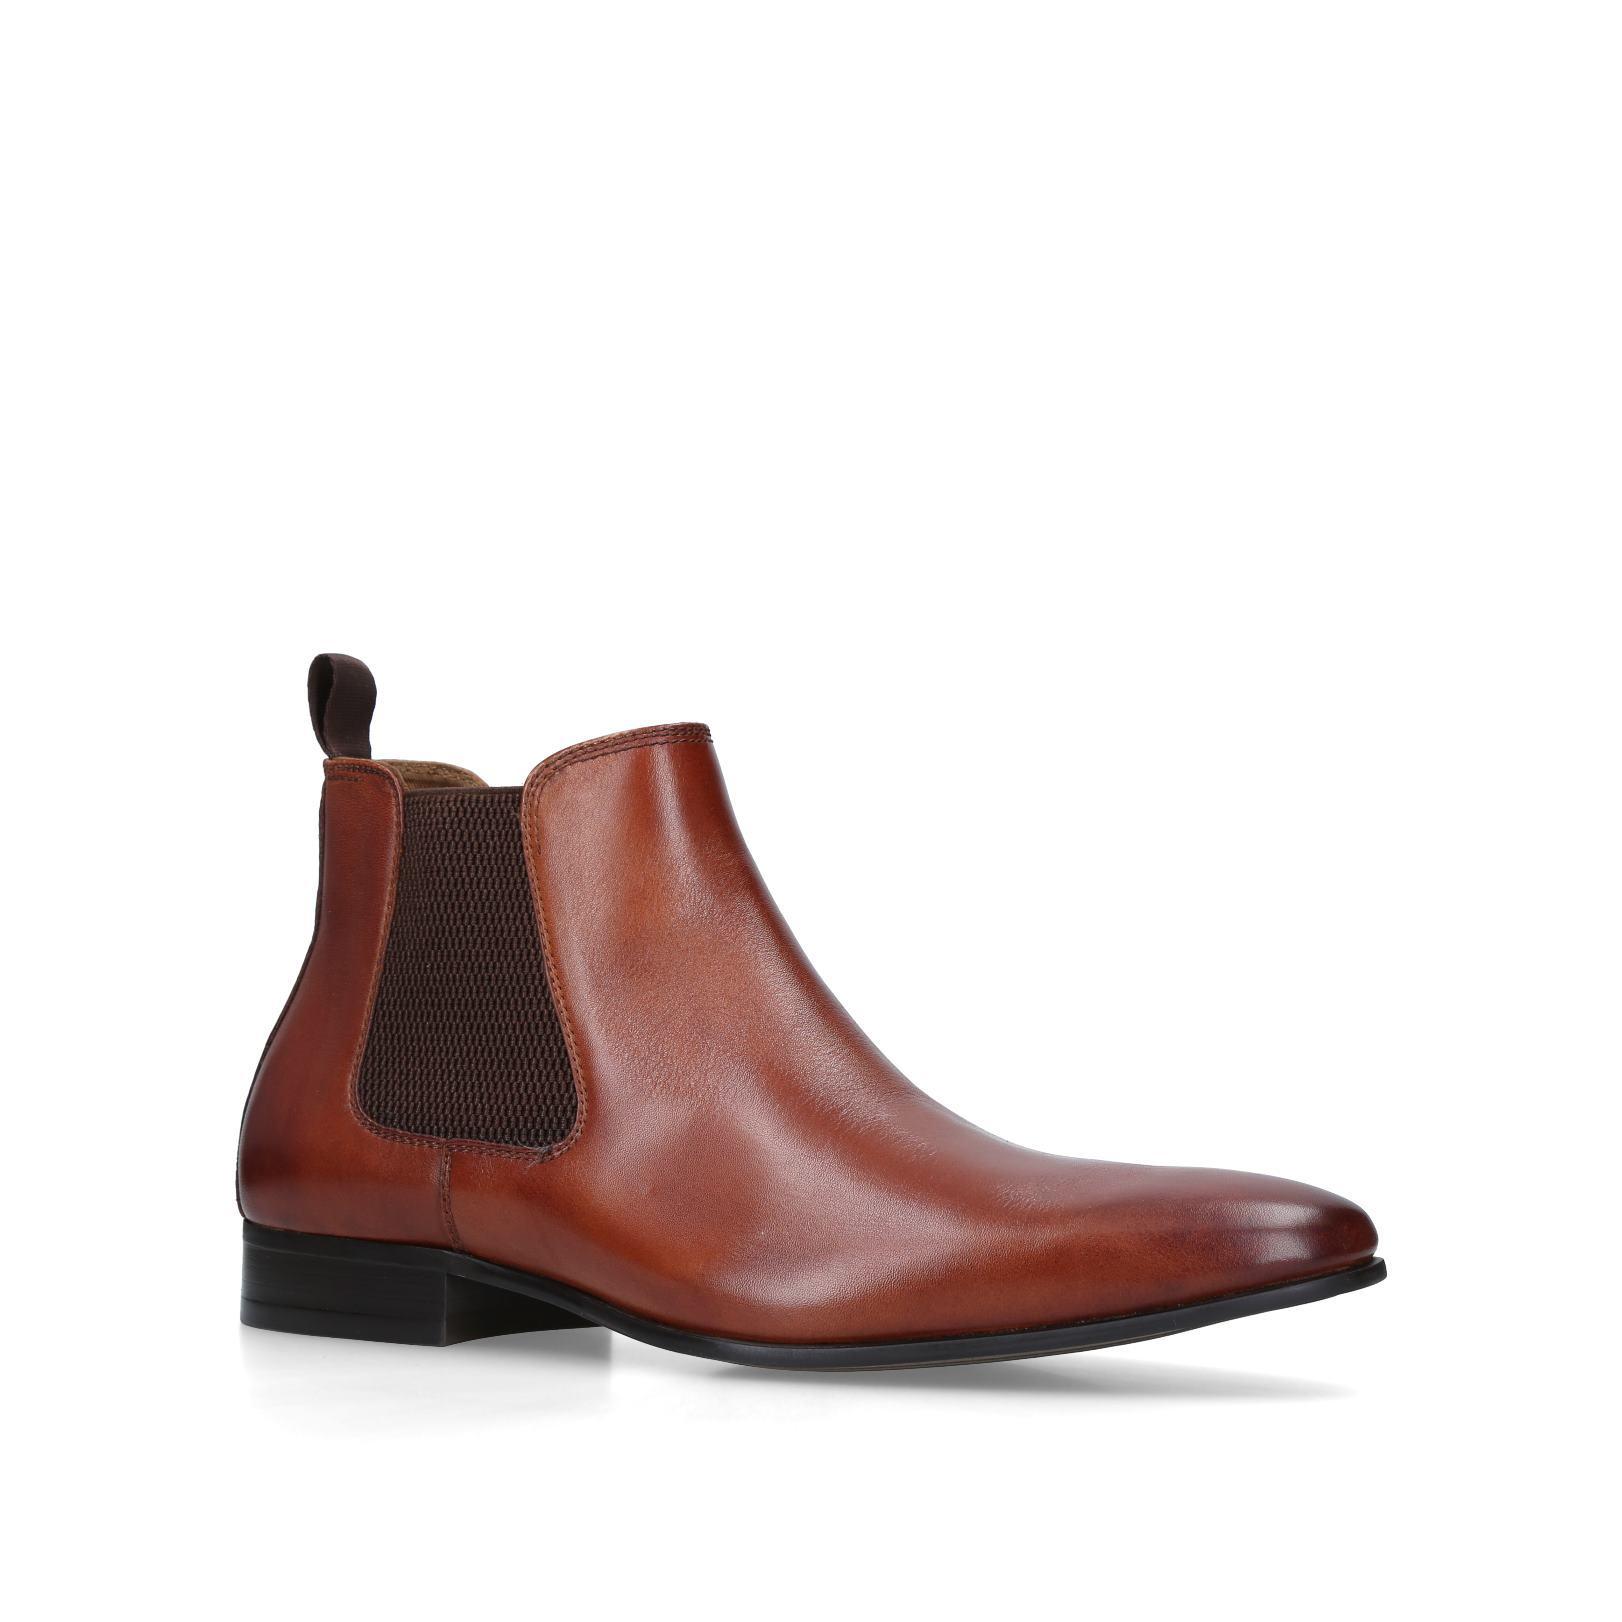 5e34411cfd1 CHENADIEN - ALDO Boots